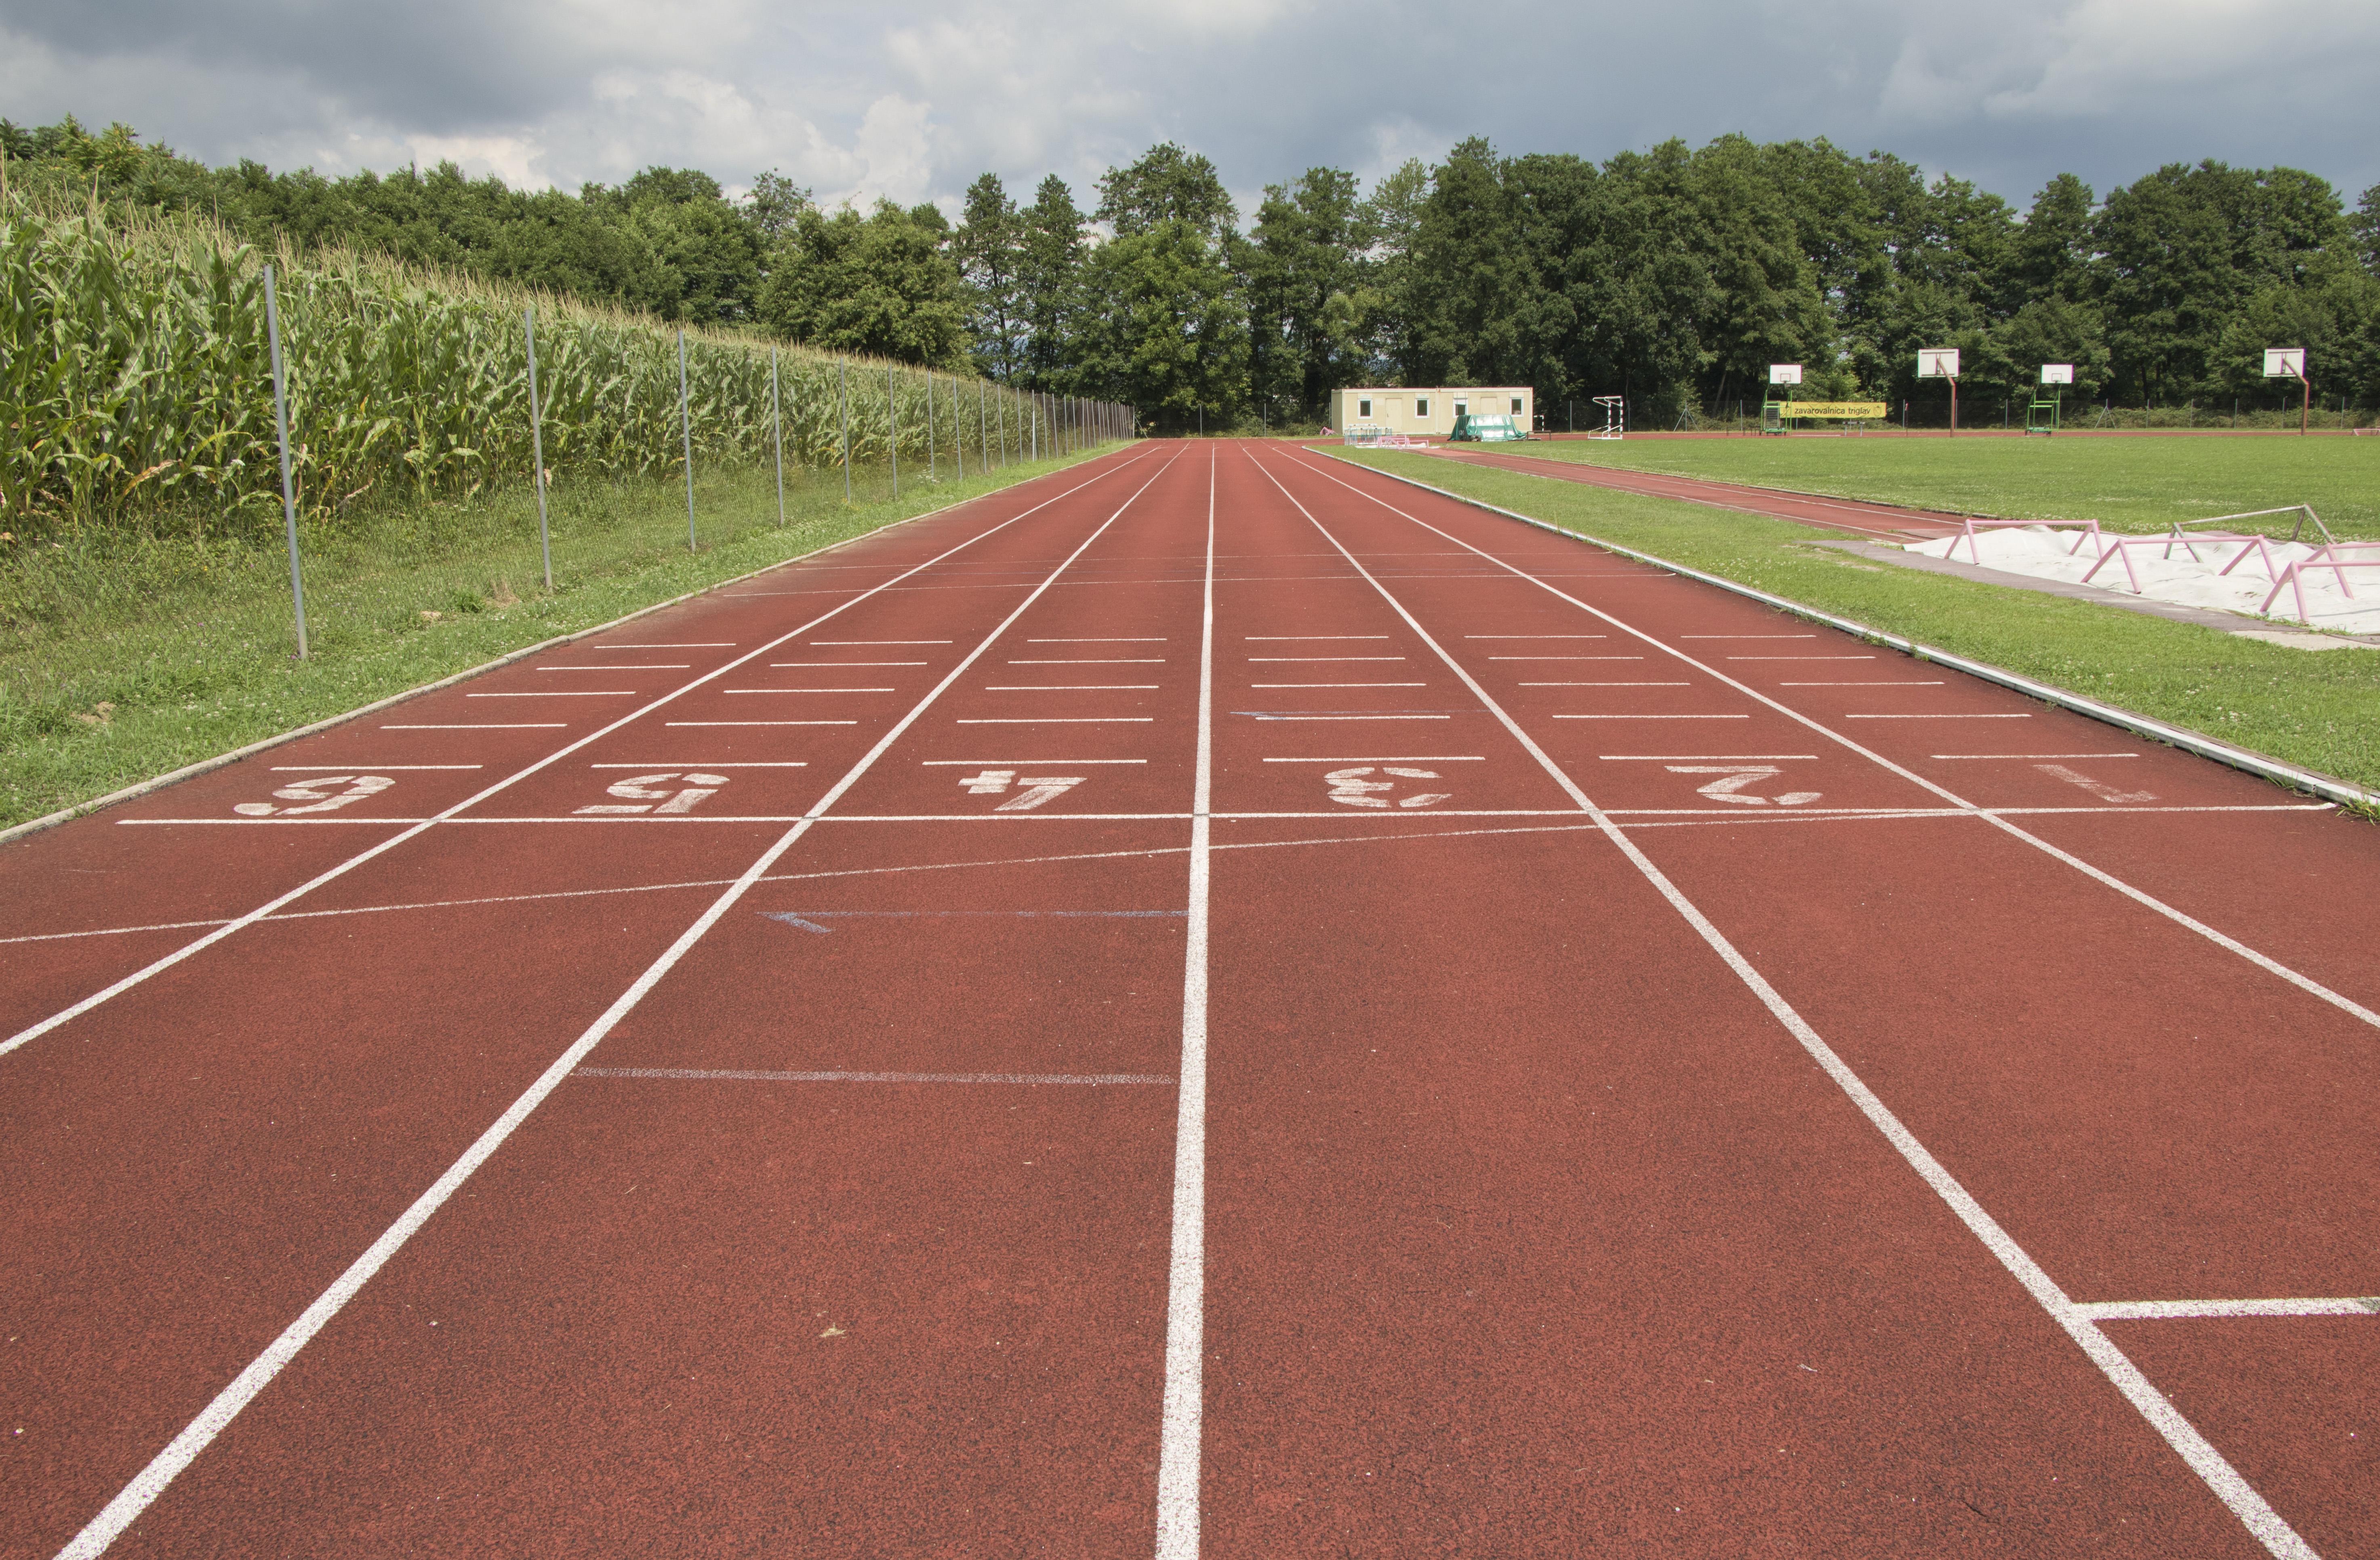 Odlok o začasnih omejitvah pri izvajanju športne dejavnosti